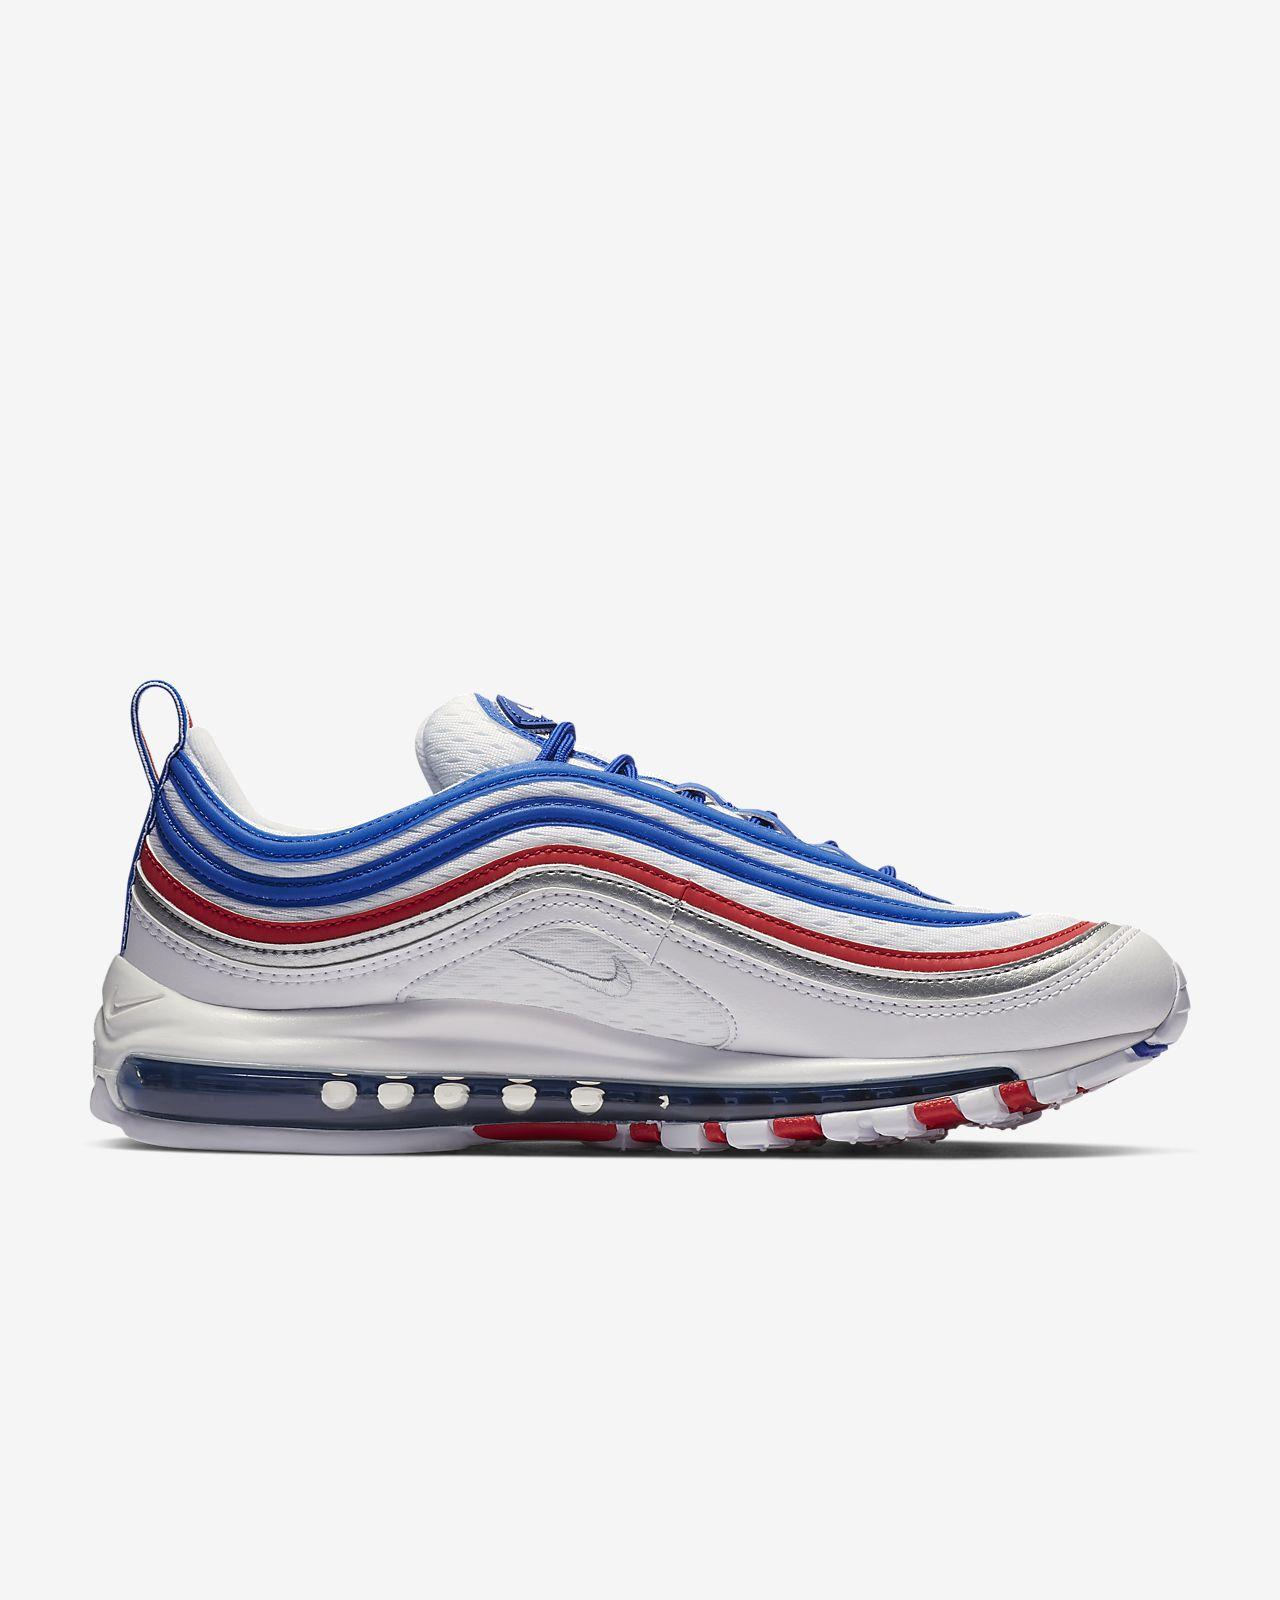 4b3200602583 Nike Air Max 97 Men s Shoe. Nike.com